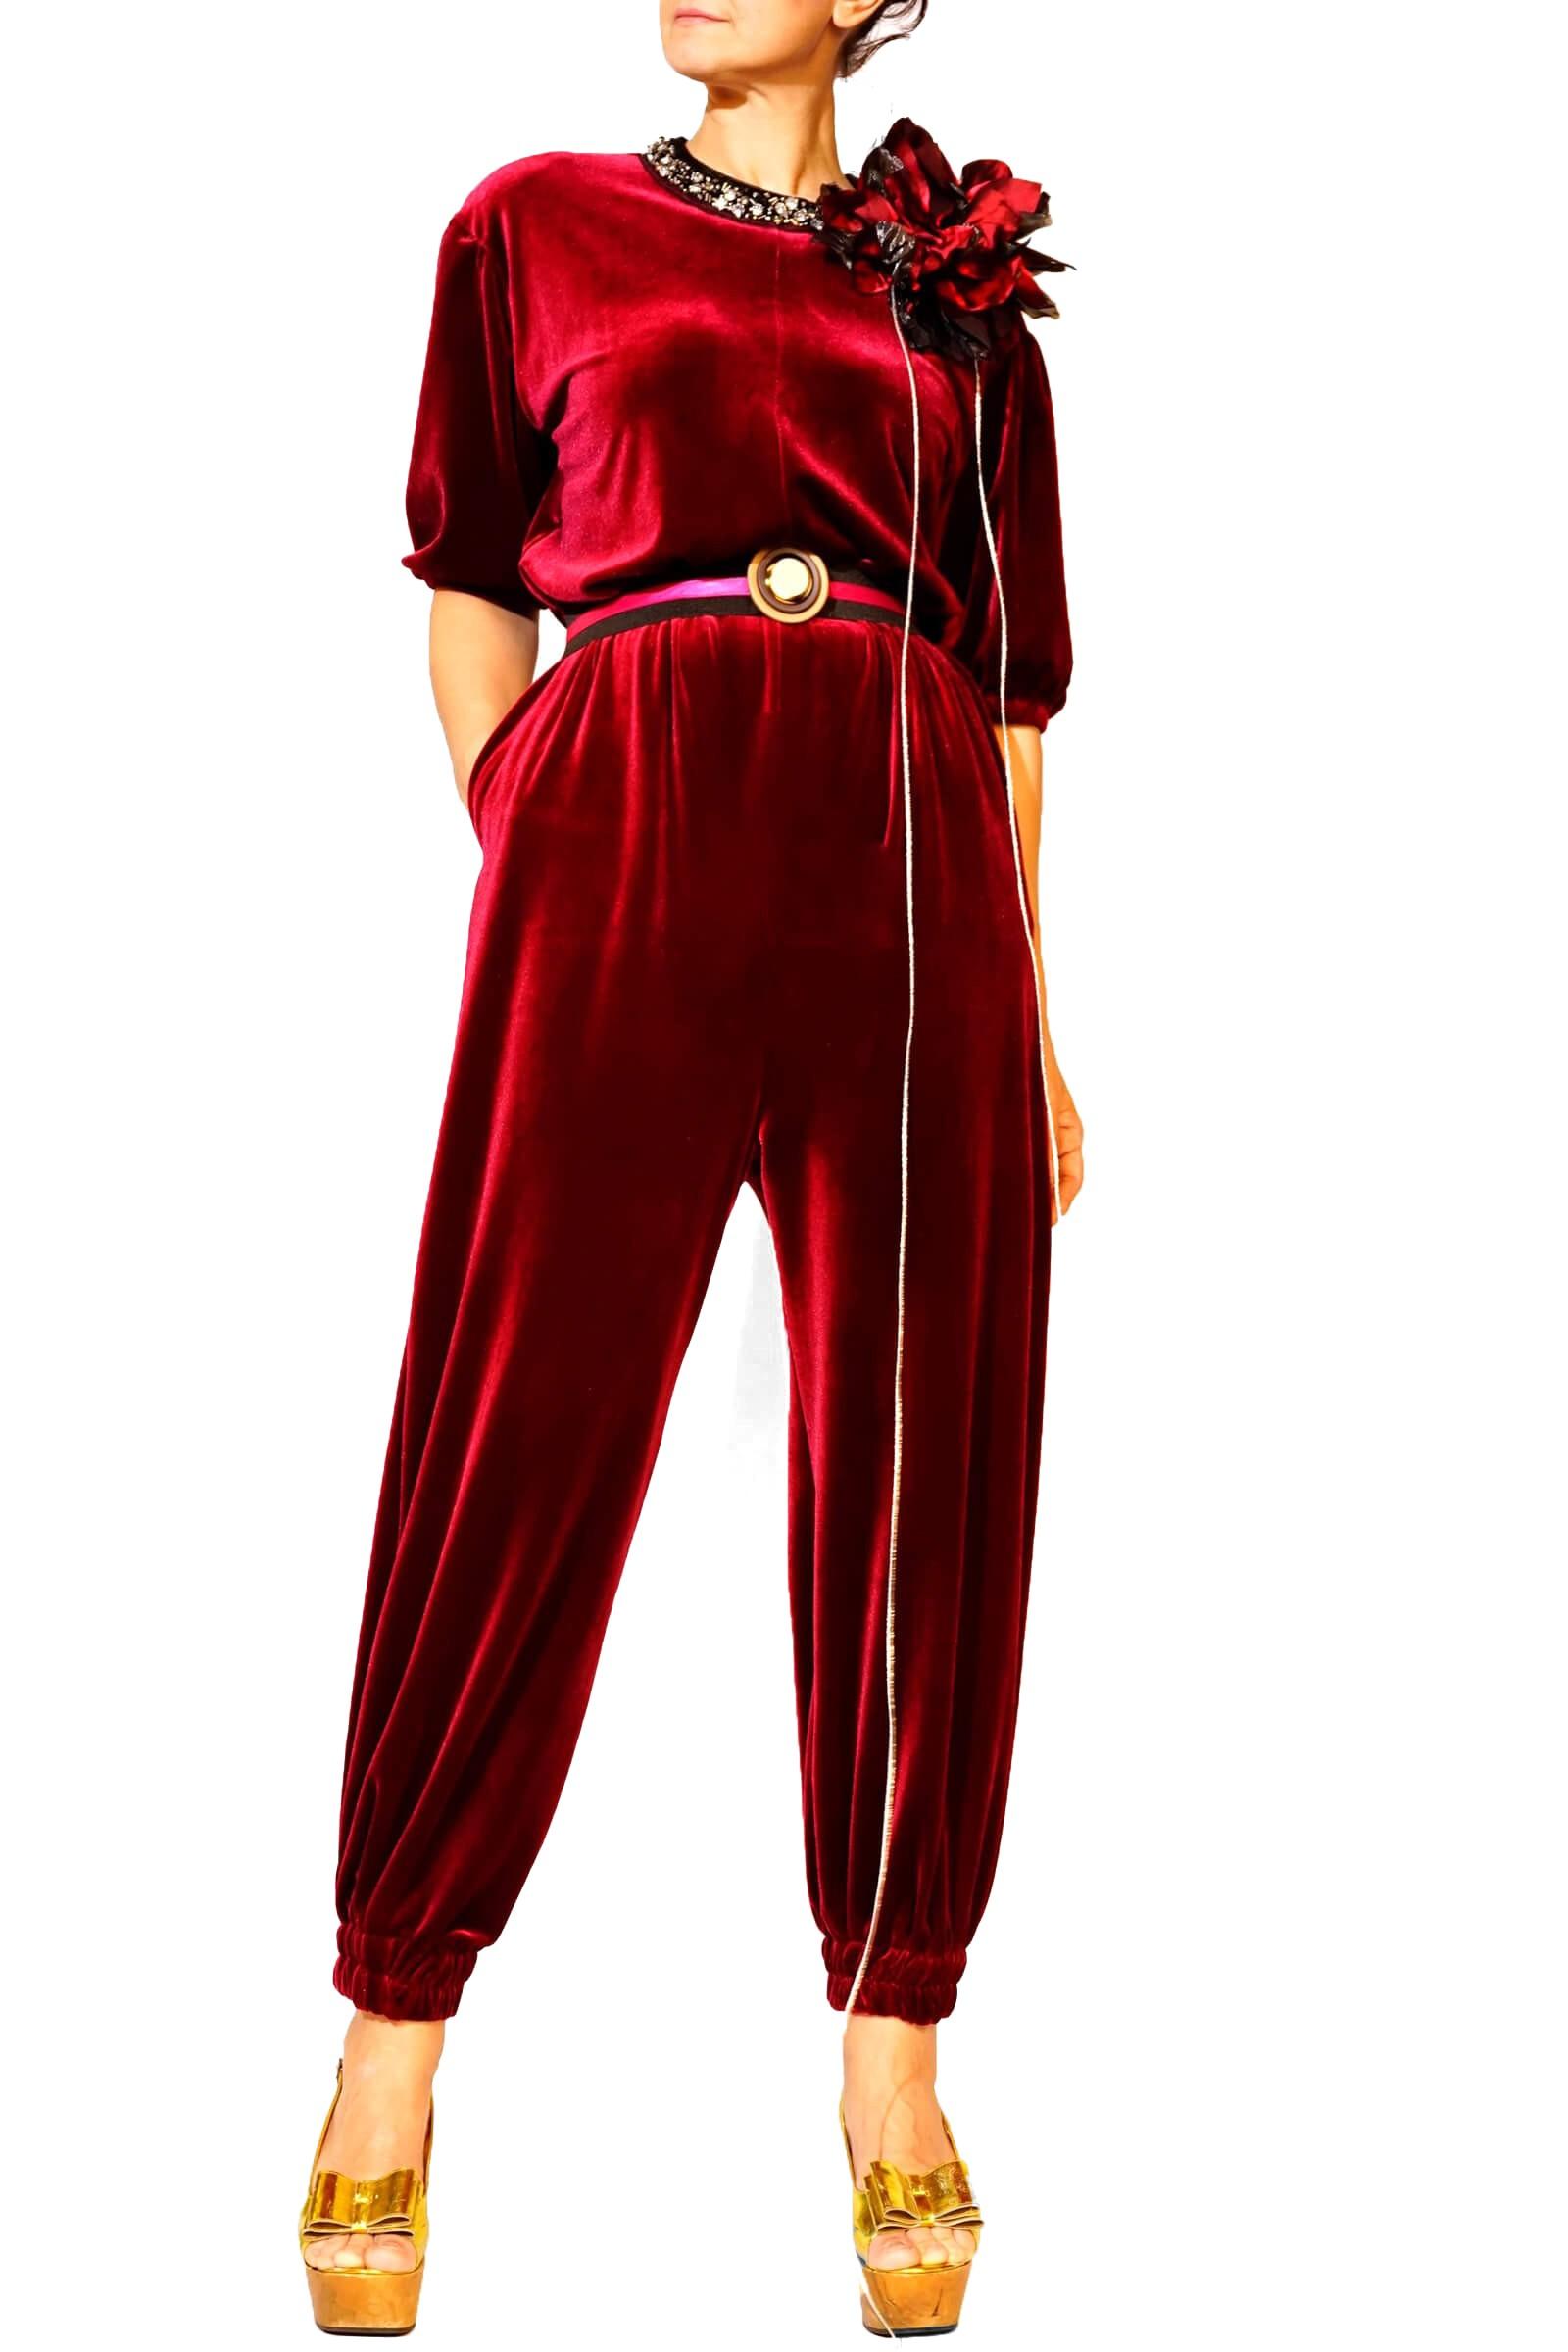 Red velvet jumpsuit